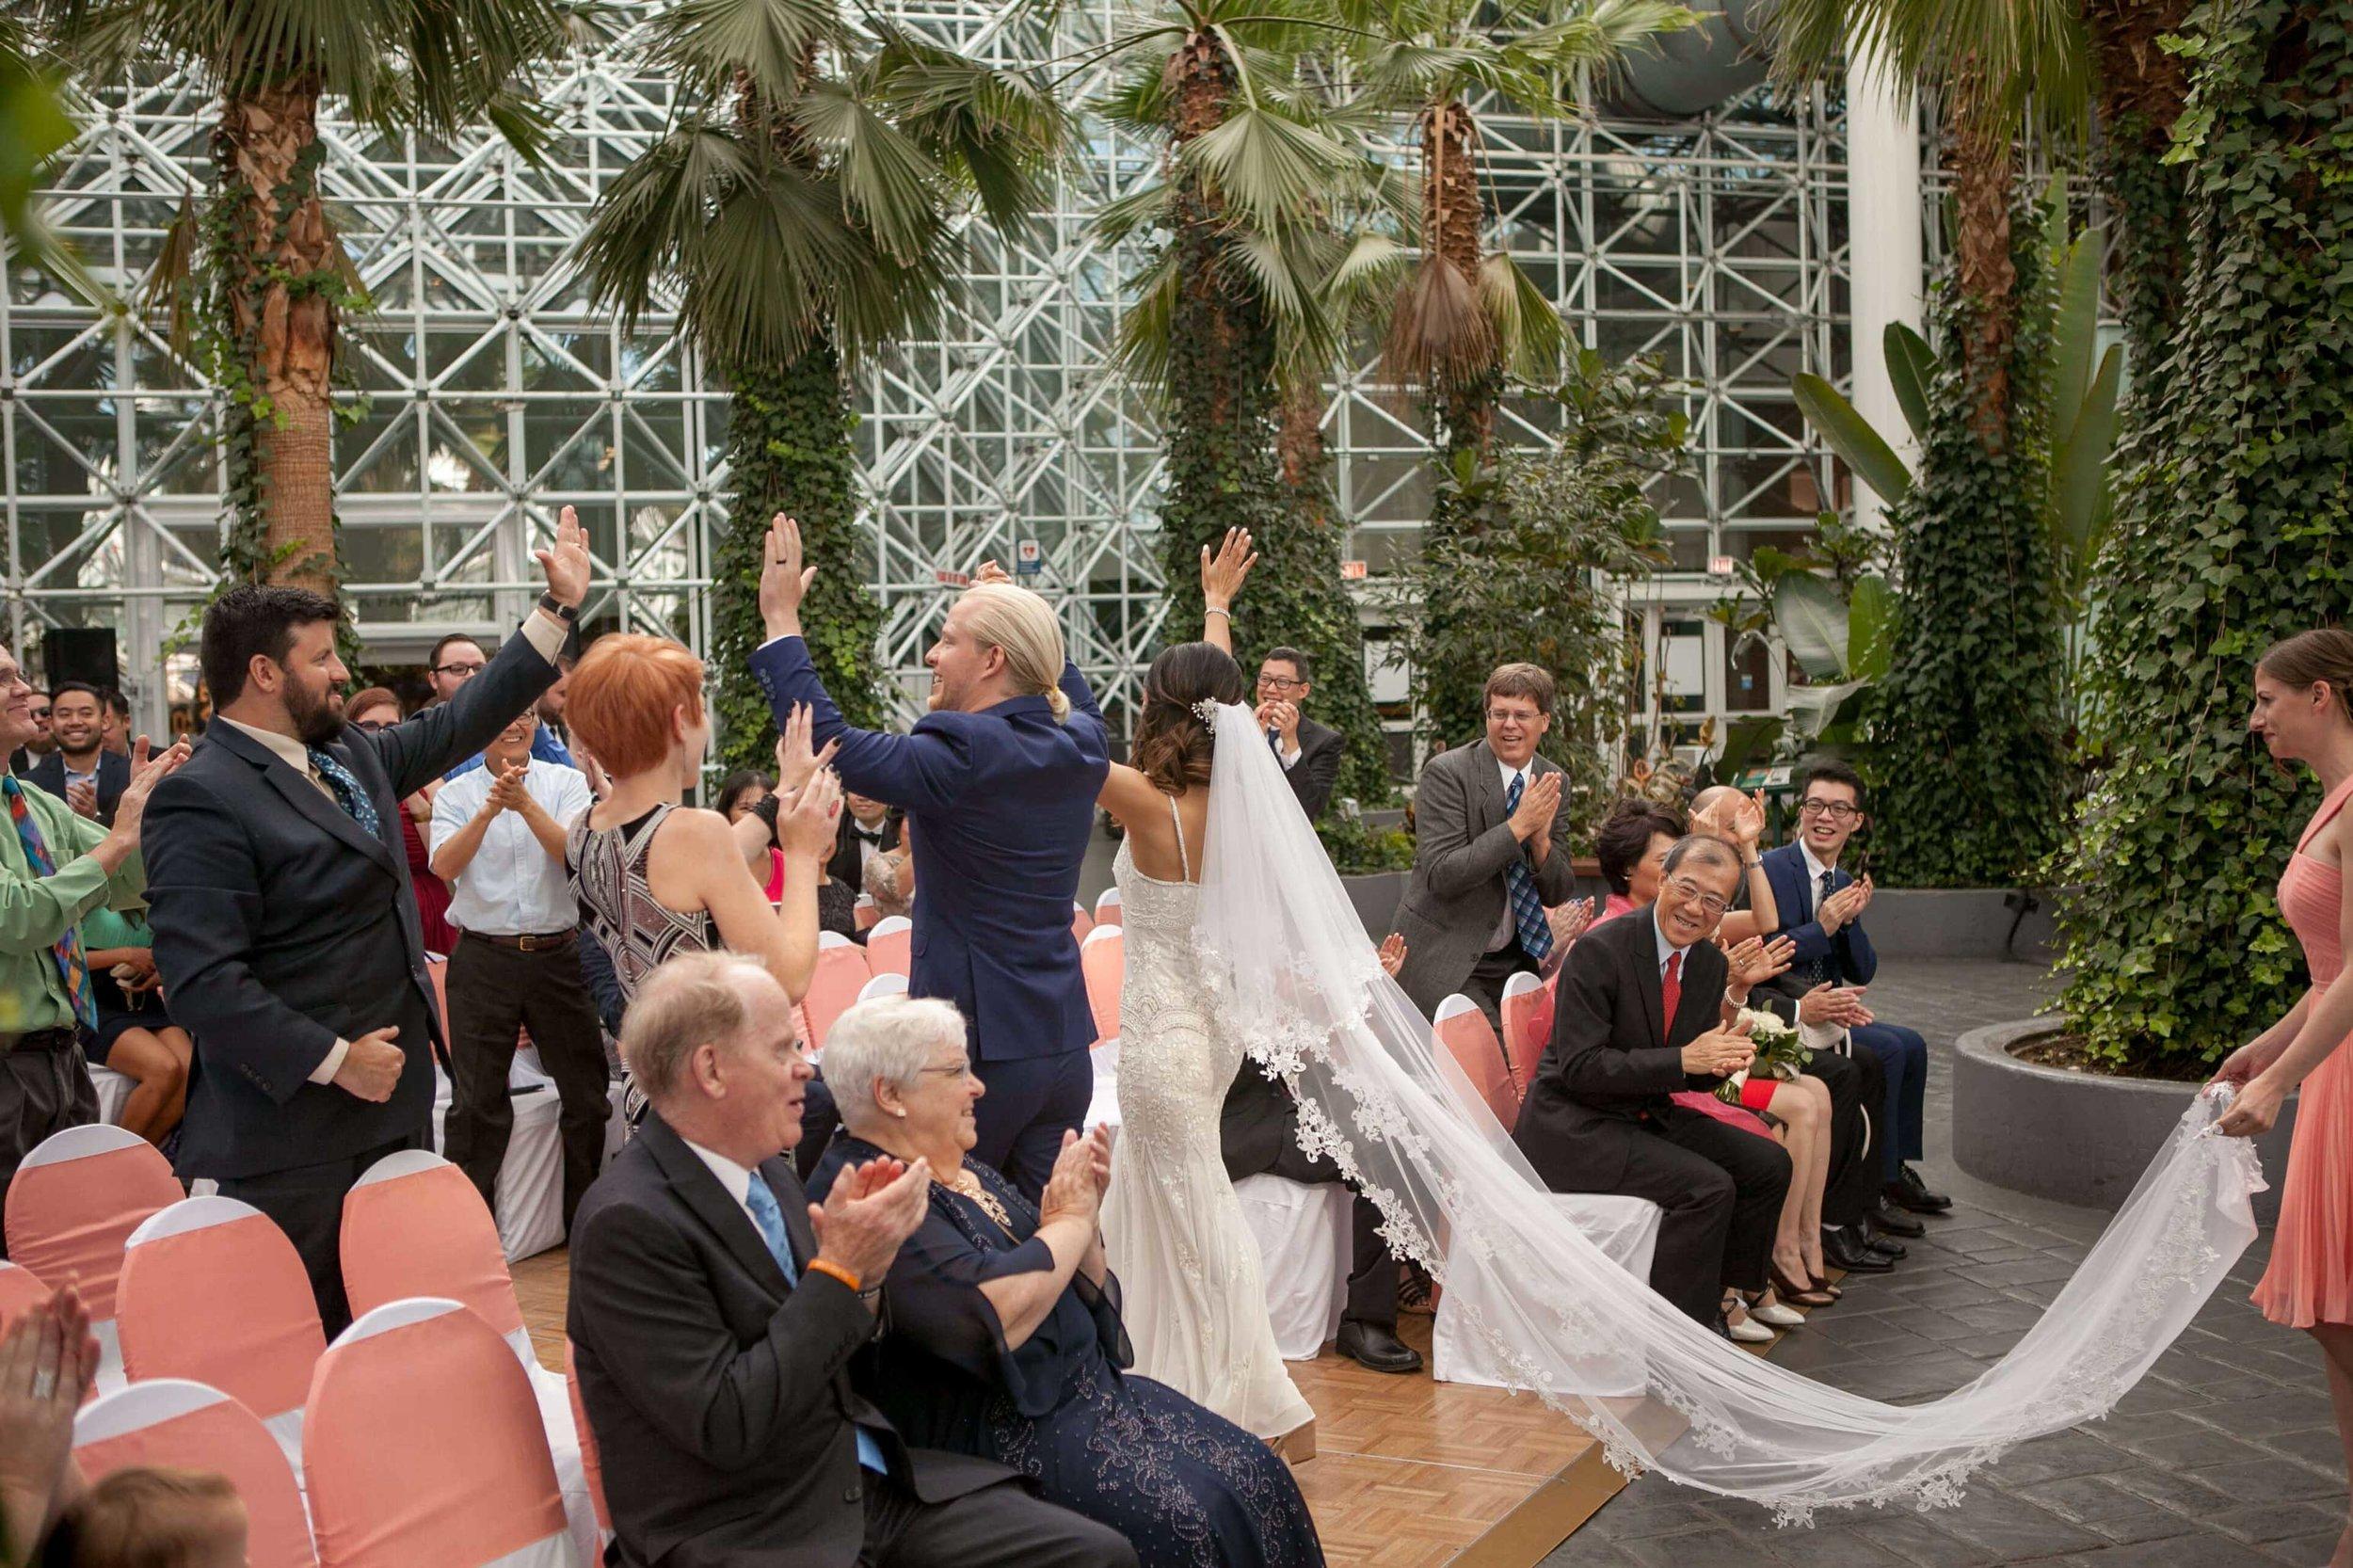 303-Wedding-Betty-Sheu--Matt-Cherry.jpg